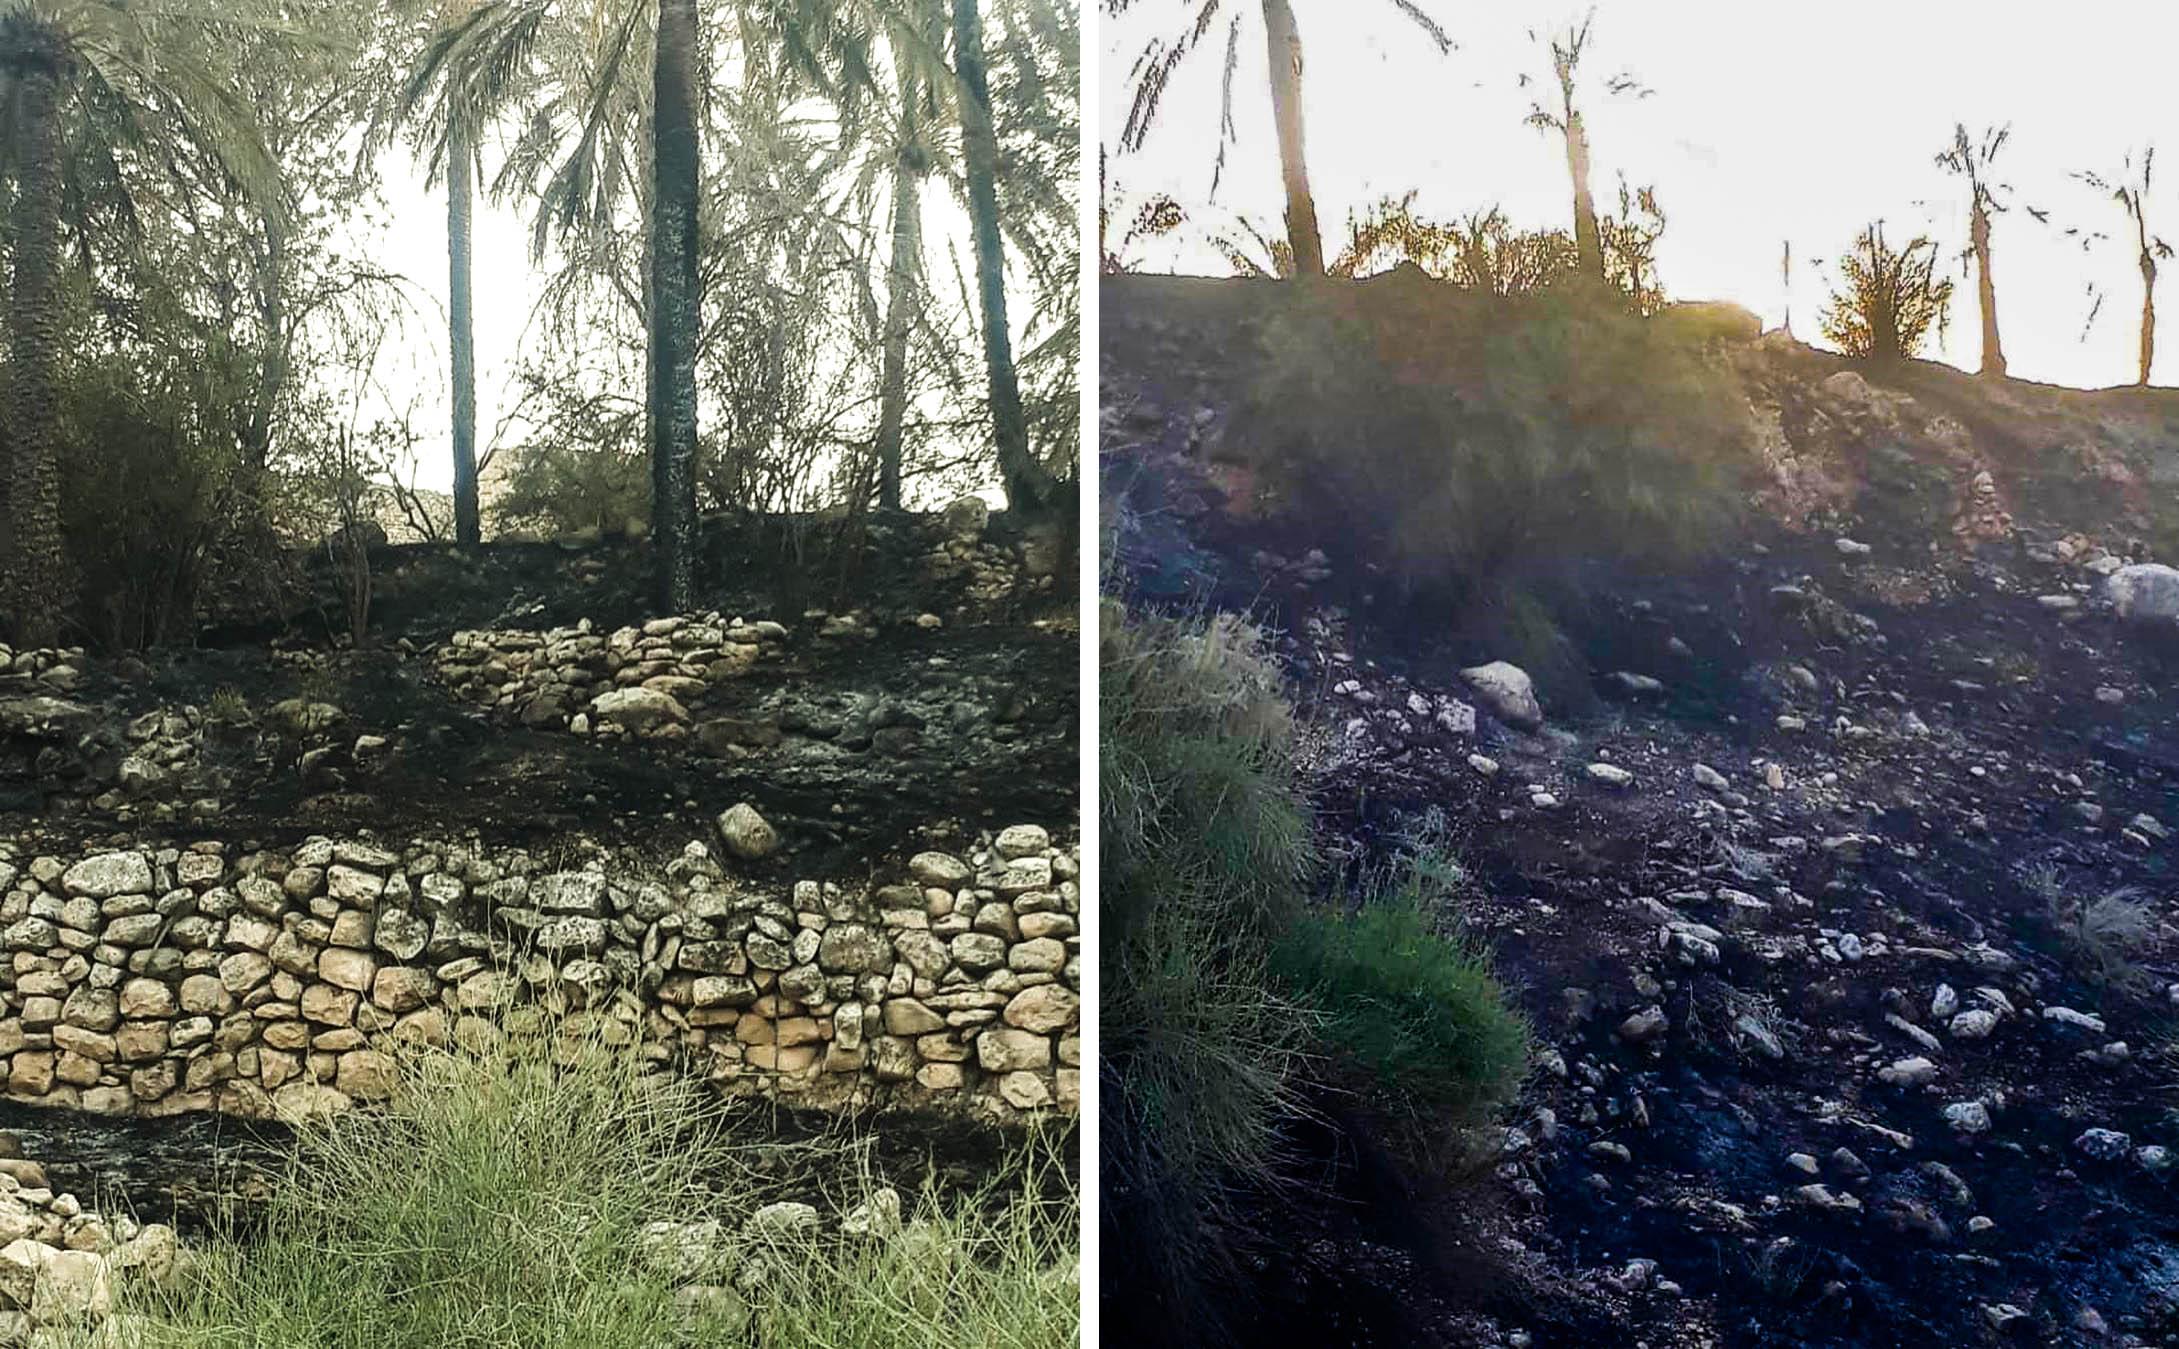 وقوع آتش سوزی در جم/ مهار آتش پس از تلاش ۶ ساعته+تصاویر